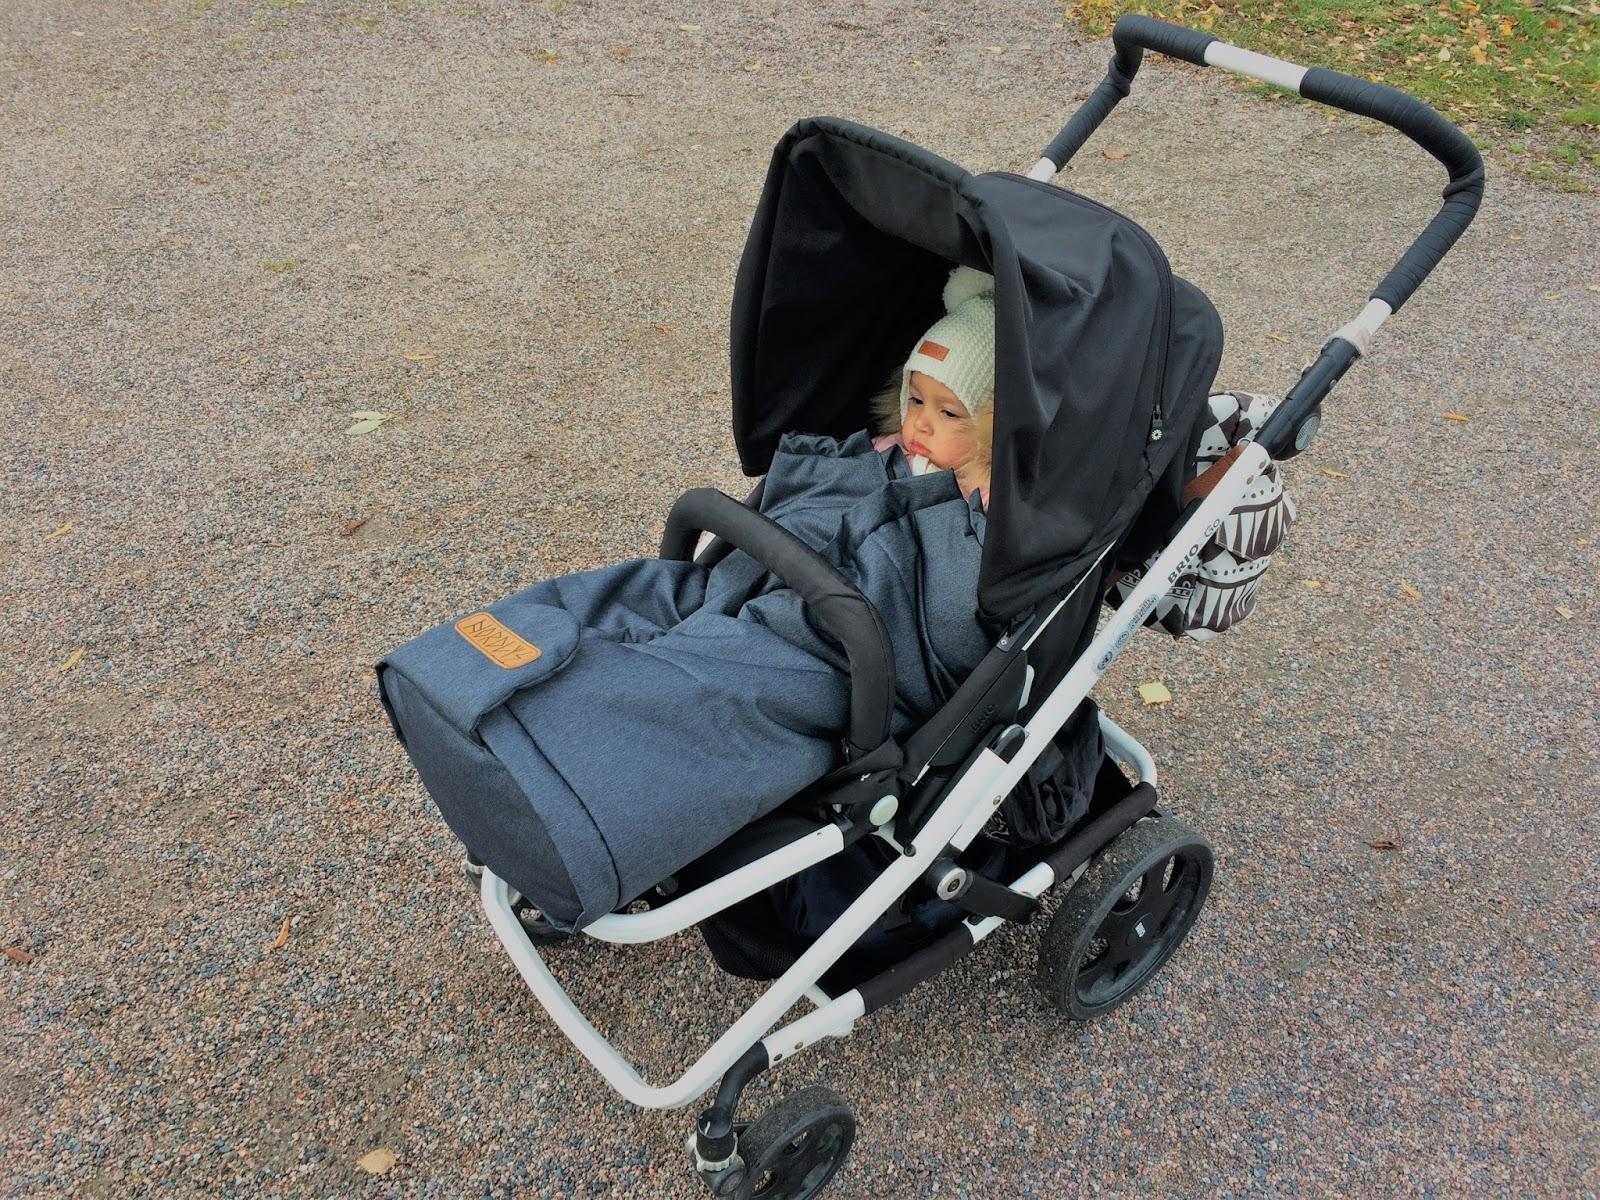 Tarvitseeko Etelä-Suomessa rattaisiin lämpöpussia?